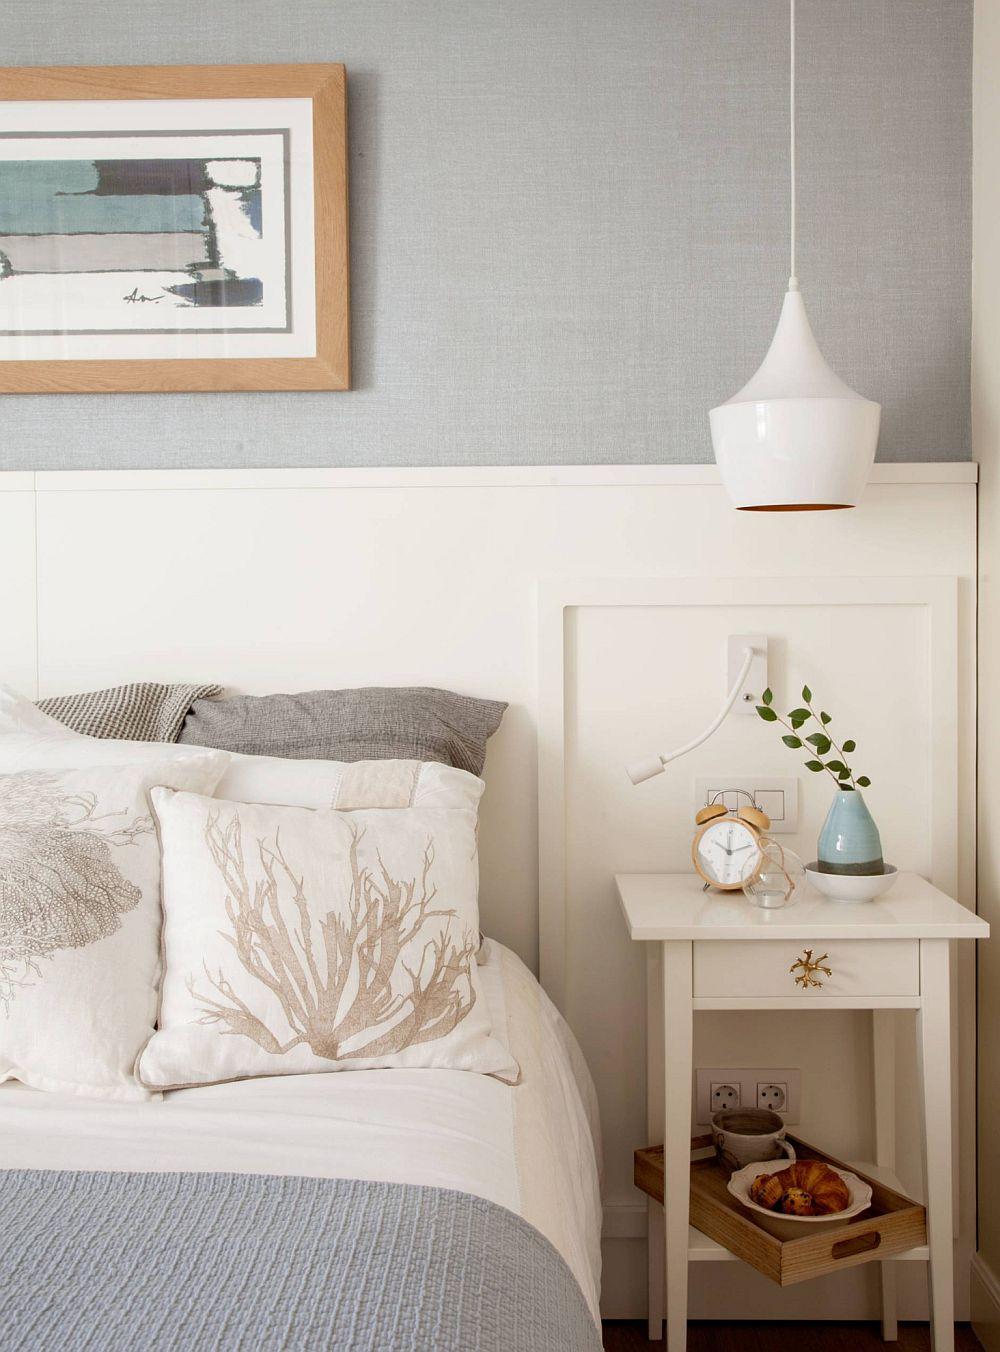 Pentru a marca locul patului, designerul a prevăzut o placare pe perete, placare care formeze tăblia. În dreptul acesteia, de-o parte și de alta a patului, sunt noptierele alese în aceeași nuanță de alb.